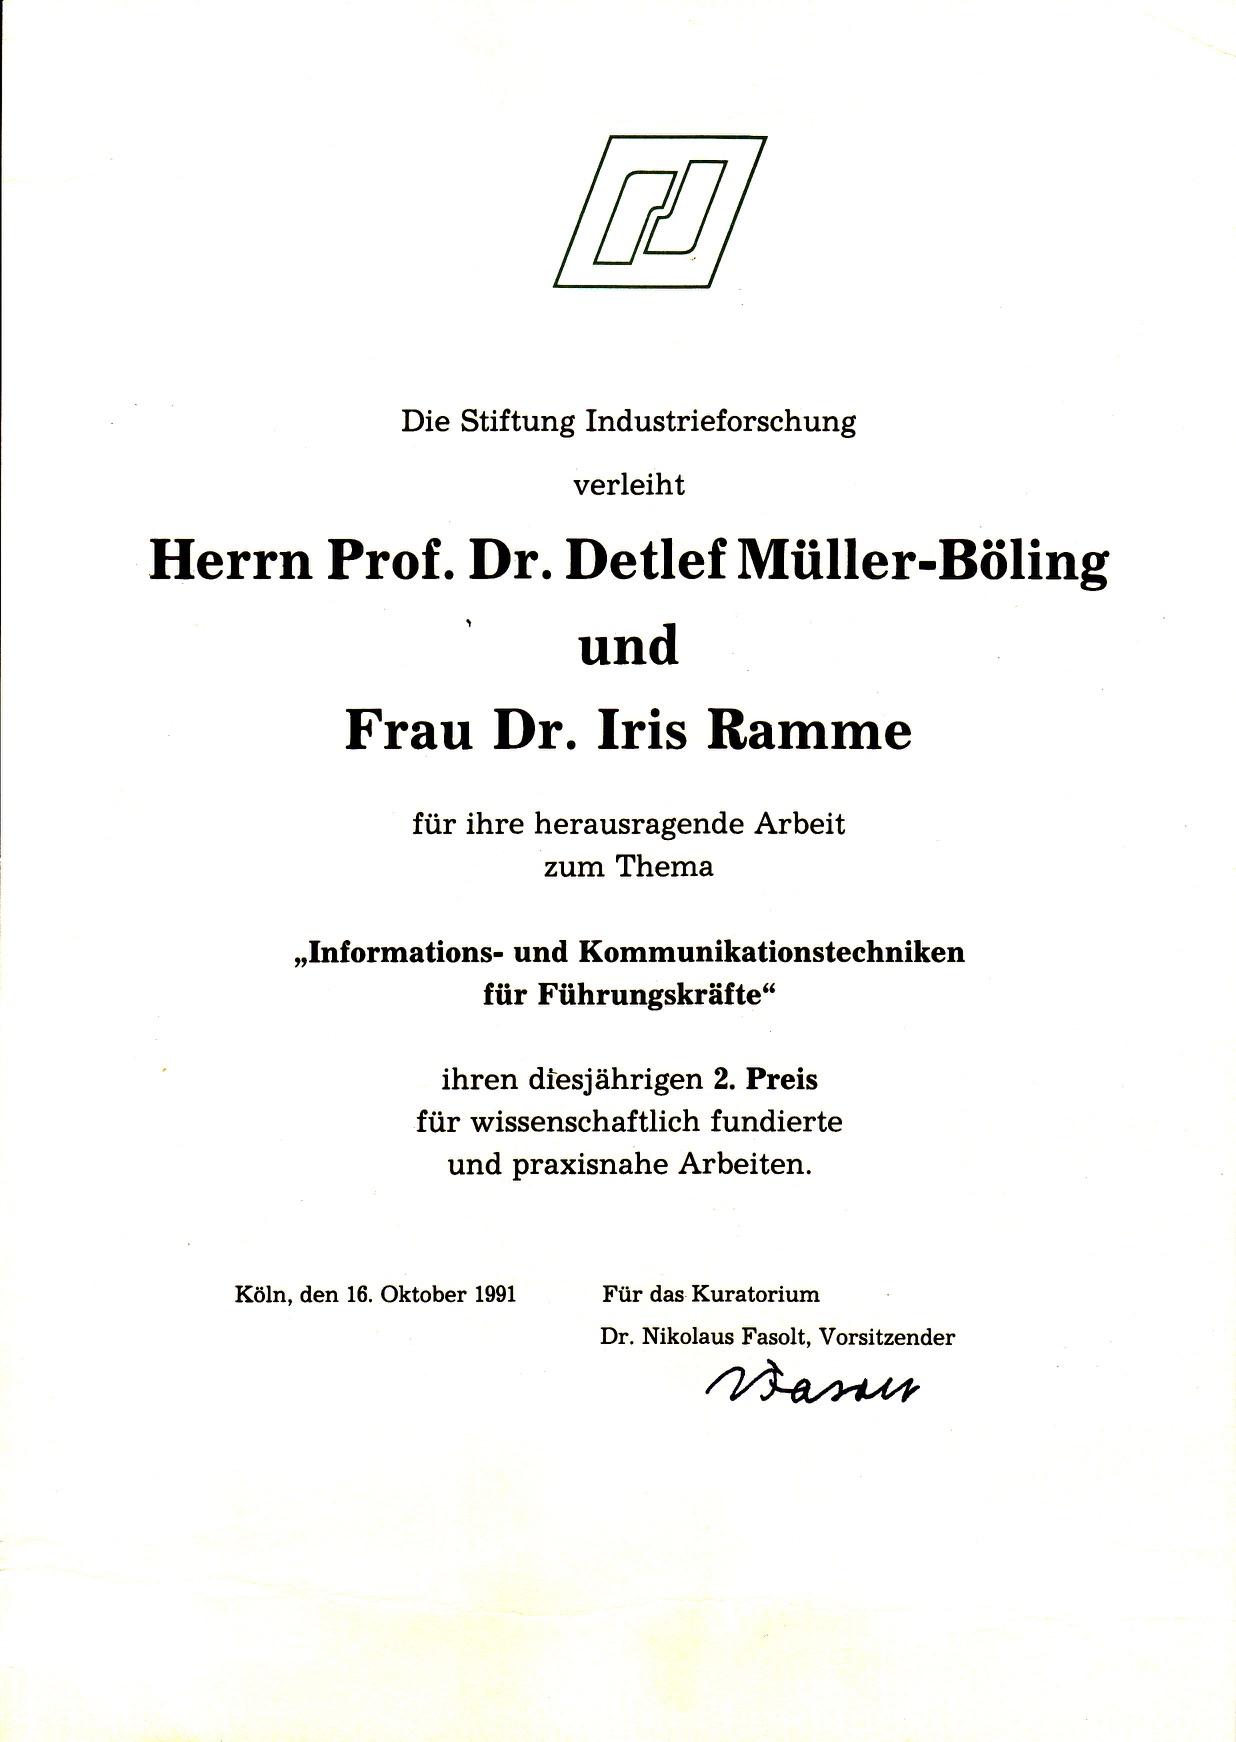 1991_10_16 Stiftung Industrieforschung Urkunde